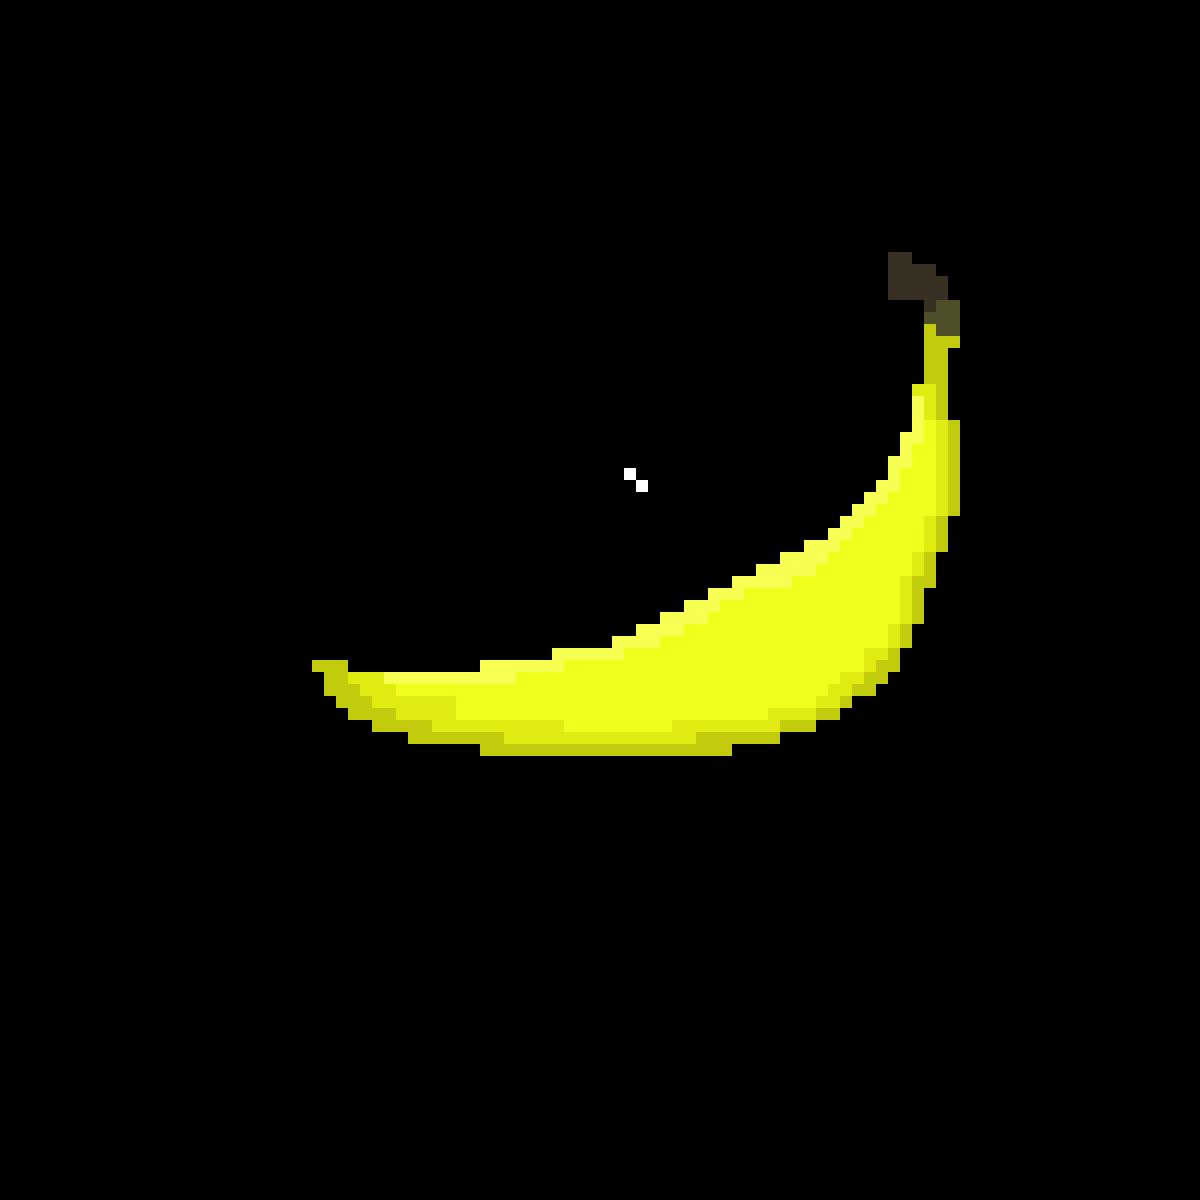 banana by jieung